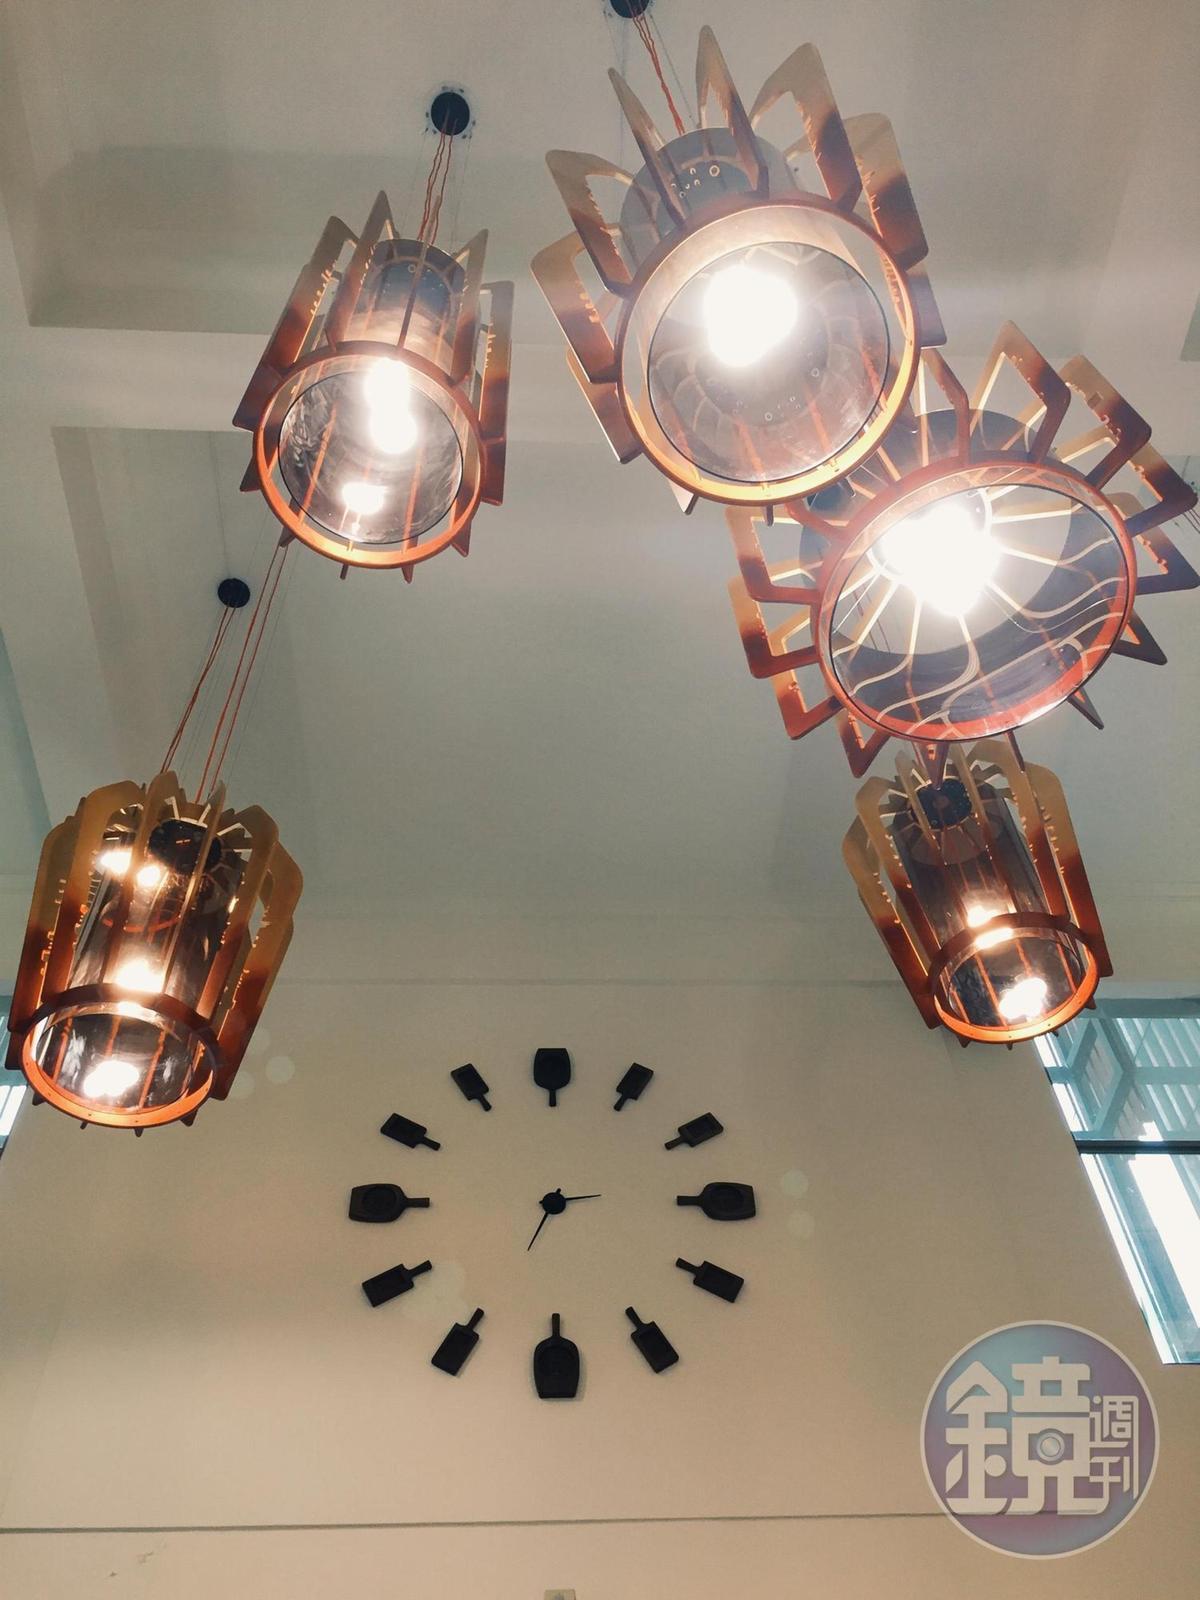 燈具外型來自解構漢餅模,牆面時鐘為漢餅模圍繞而成,漢餅文化符碼用得自然。